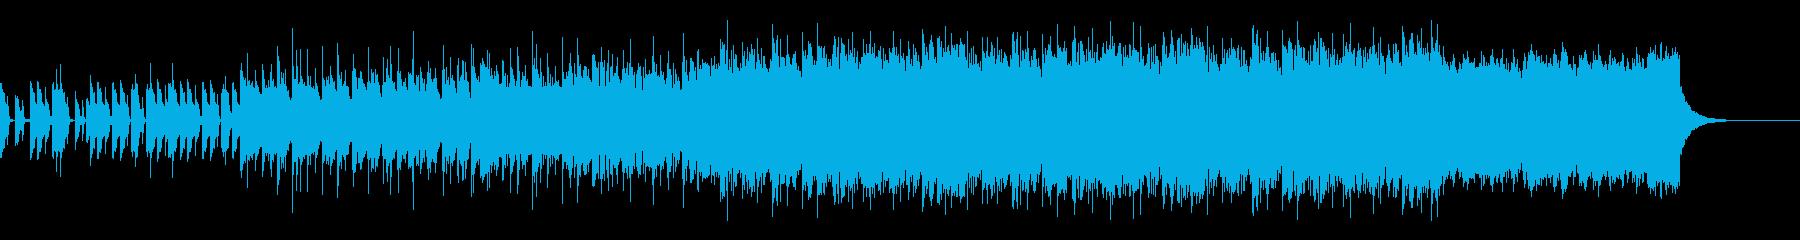 ノイジーなベースが目立つBGMの再生済みの波形